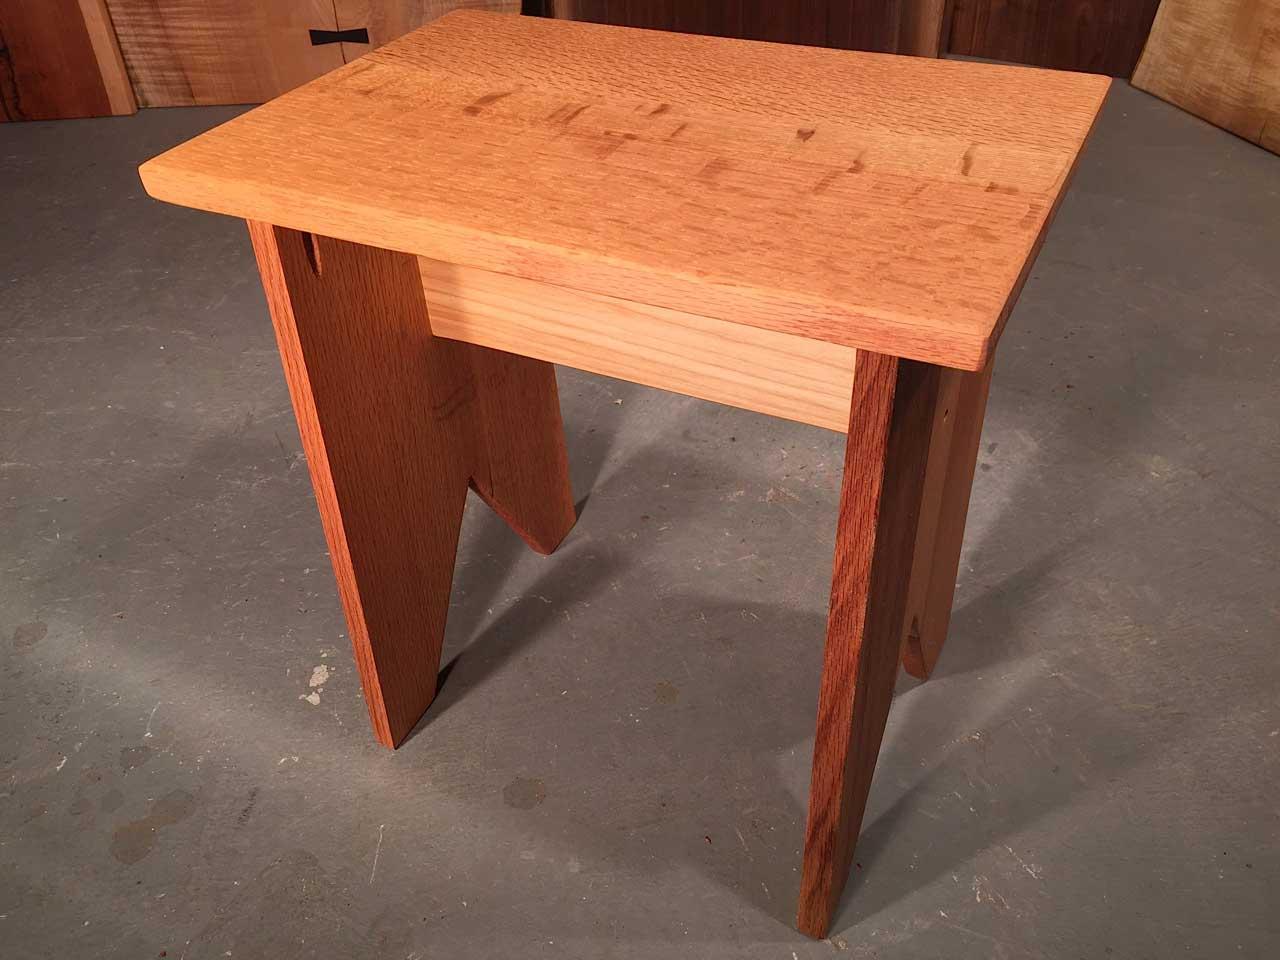 Quarter Sawn Oak Top With Solid Oak Legs